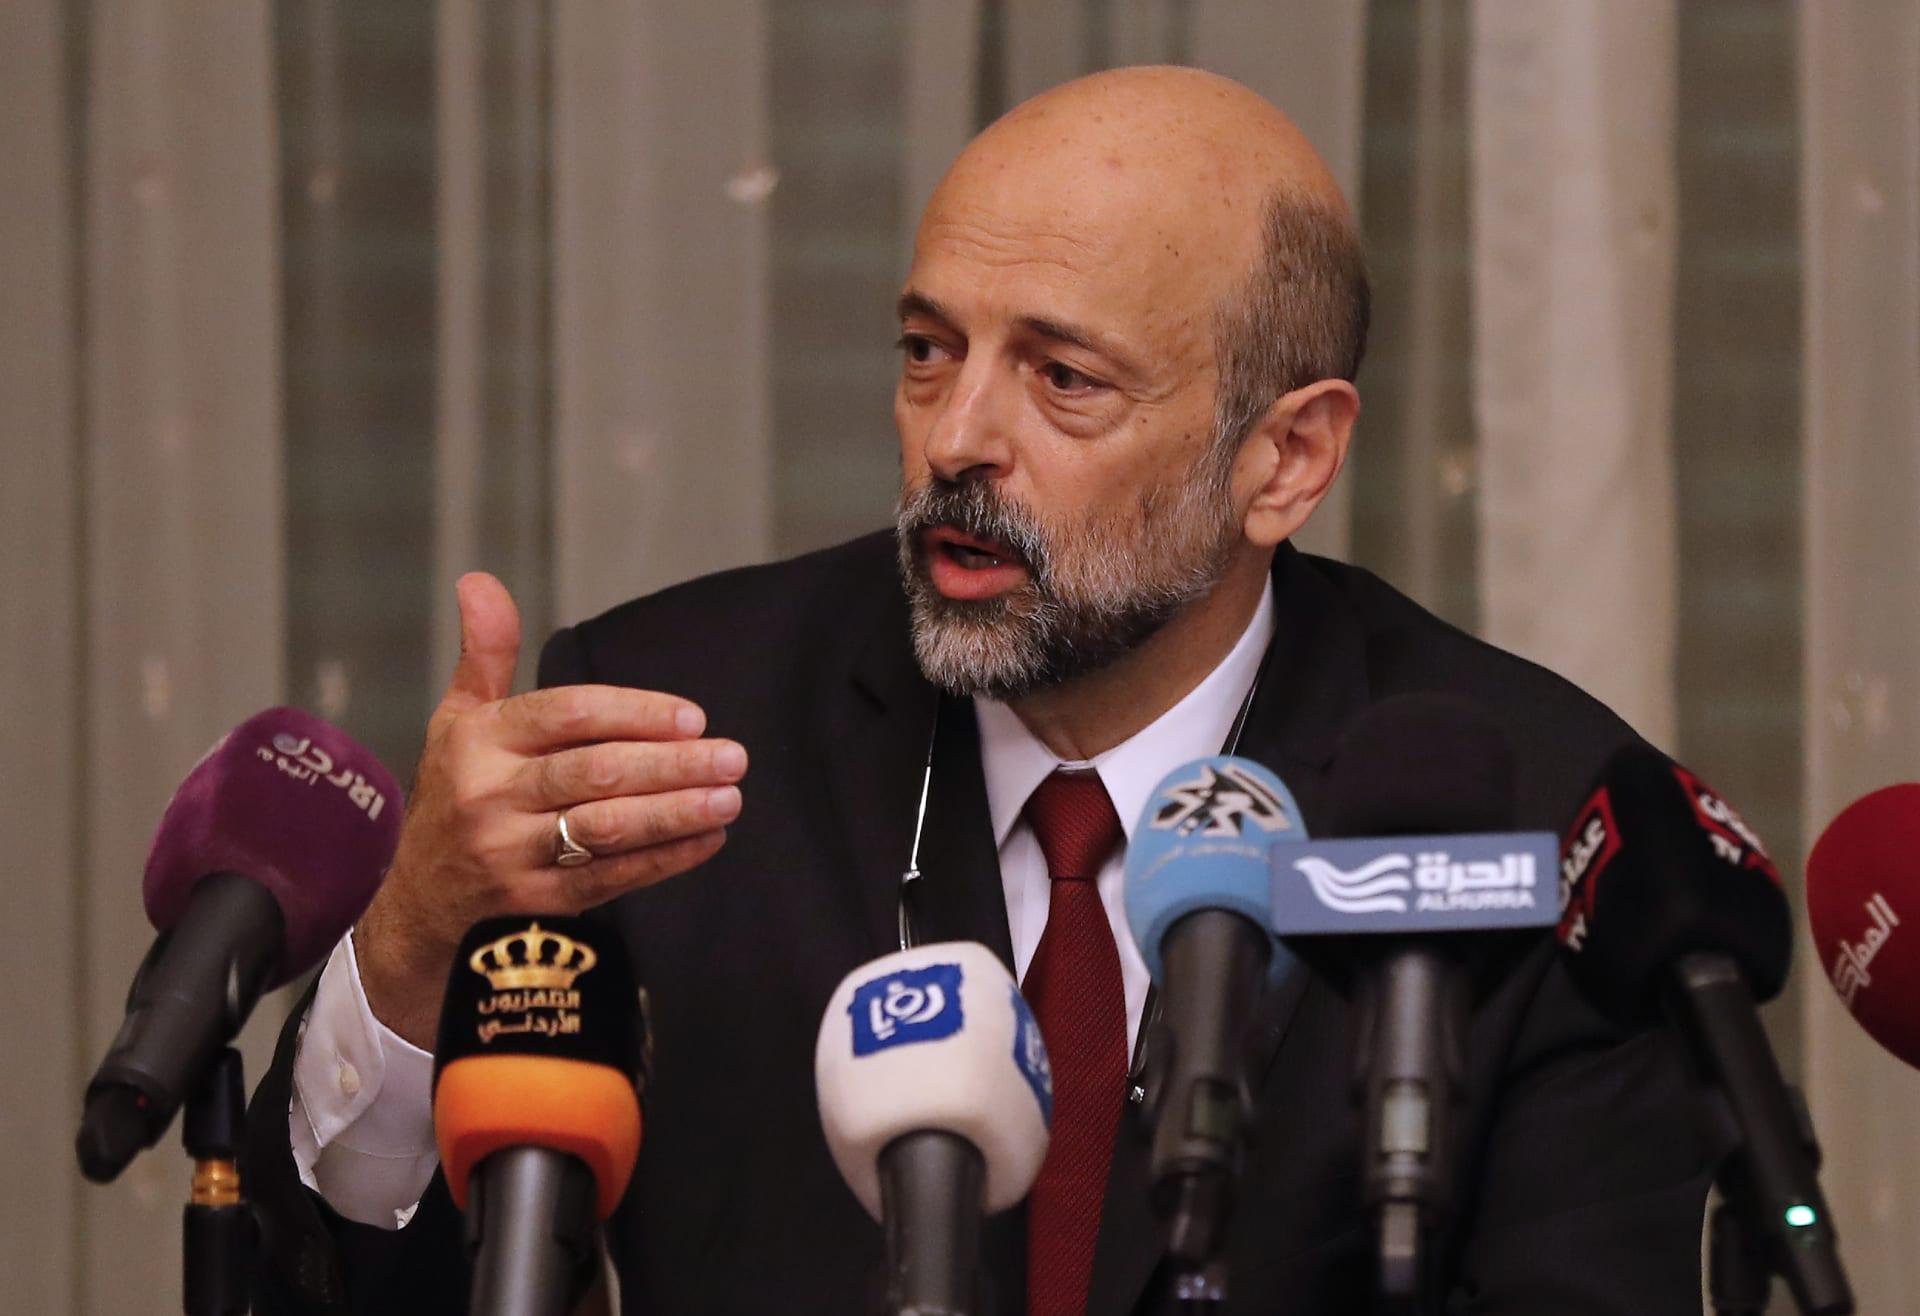 حكومة الأردن تعلن مُراجعة اتفاقيات الطاقة بعد أيام من ضخ الغاز الإسرائيلي